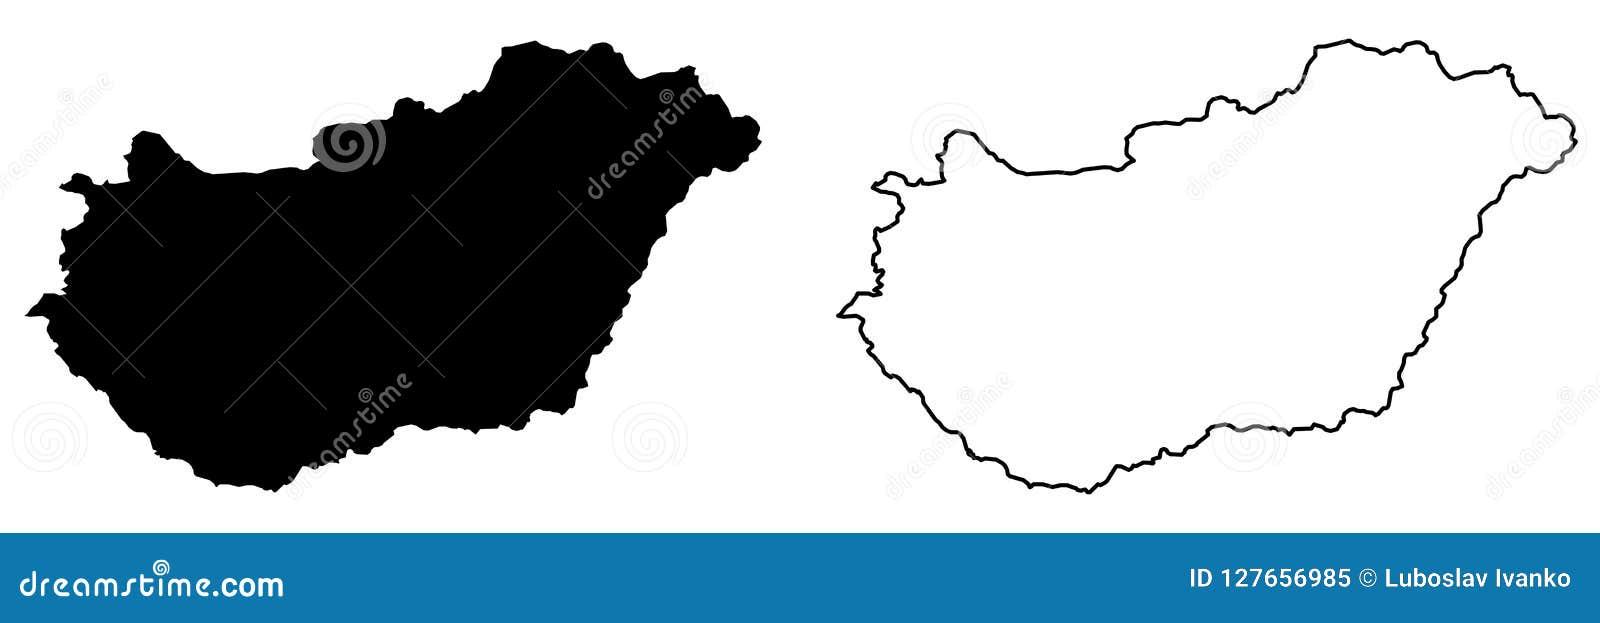 Простая только острая карта углов чертежа вектора Венгрии Merca